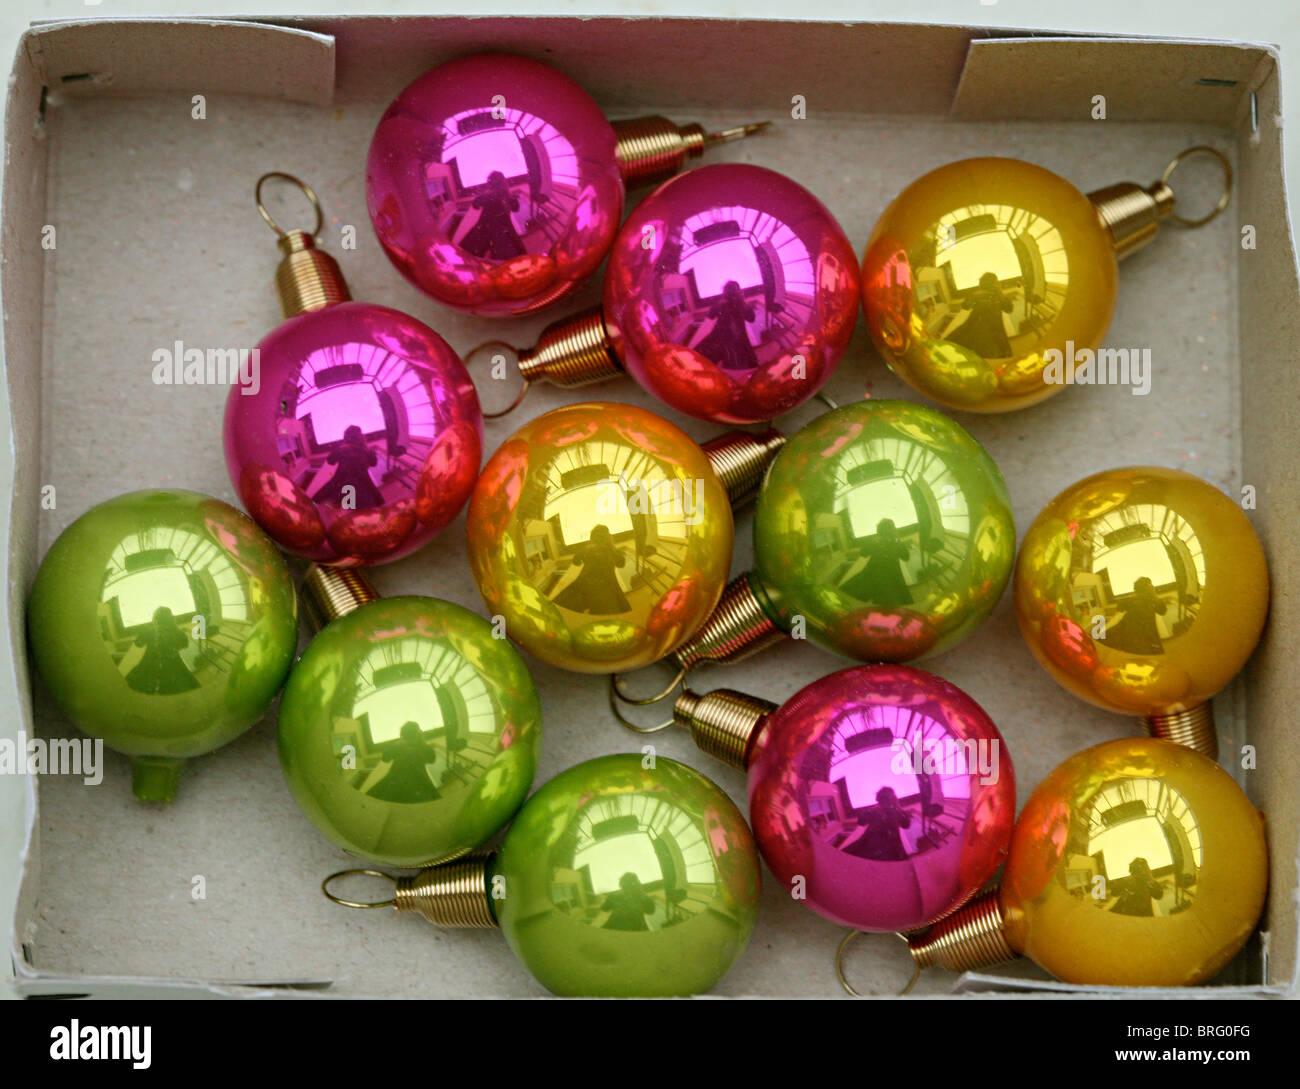 Christbaumkugeln Magenta.Weihnachten Christbaumkugeln Weihnachtsschmuck Bunt Christmas